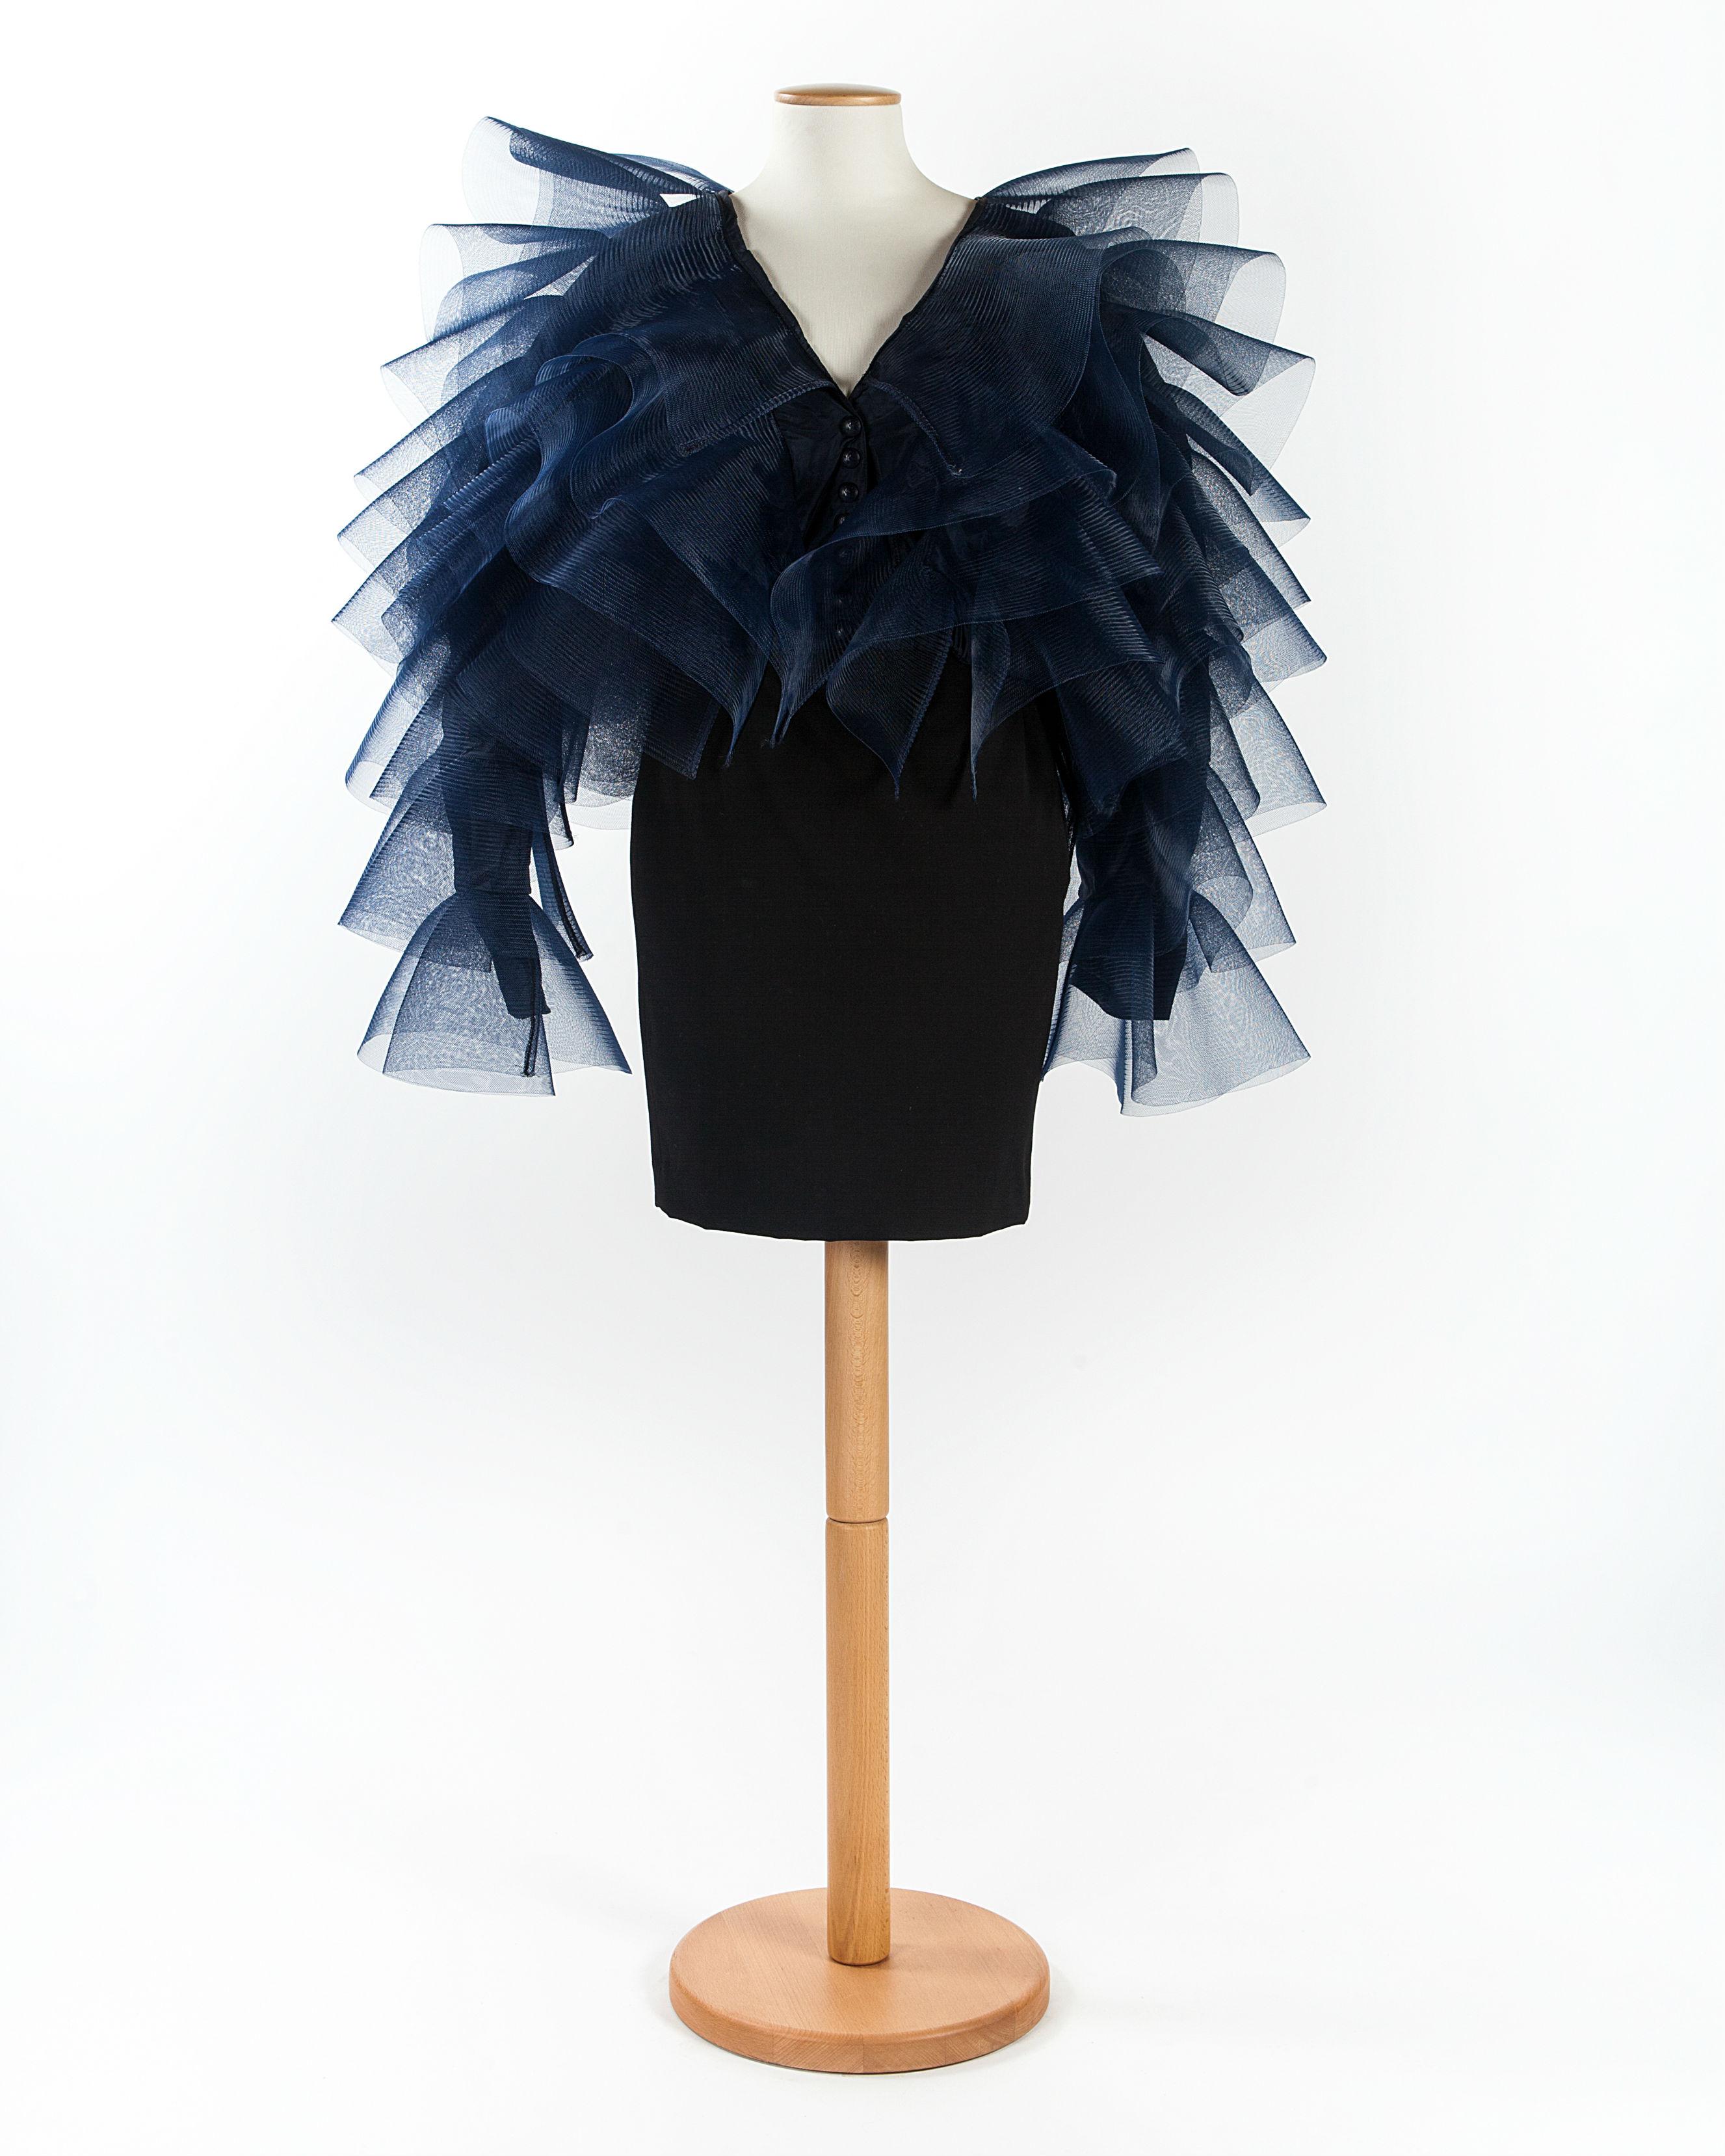 Outfit '900 - Palazzo Morando - Milano:Blouson Inv. C 3821 1988, etichetta: KriziaLegato Claudia Gianferrari, 2011